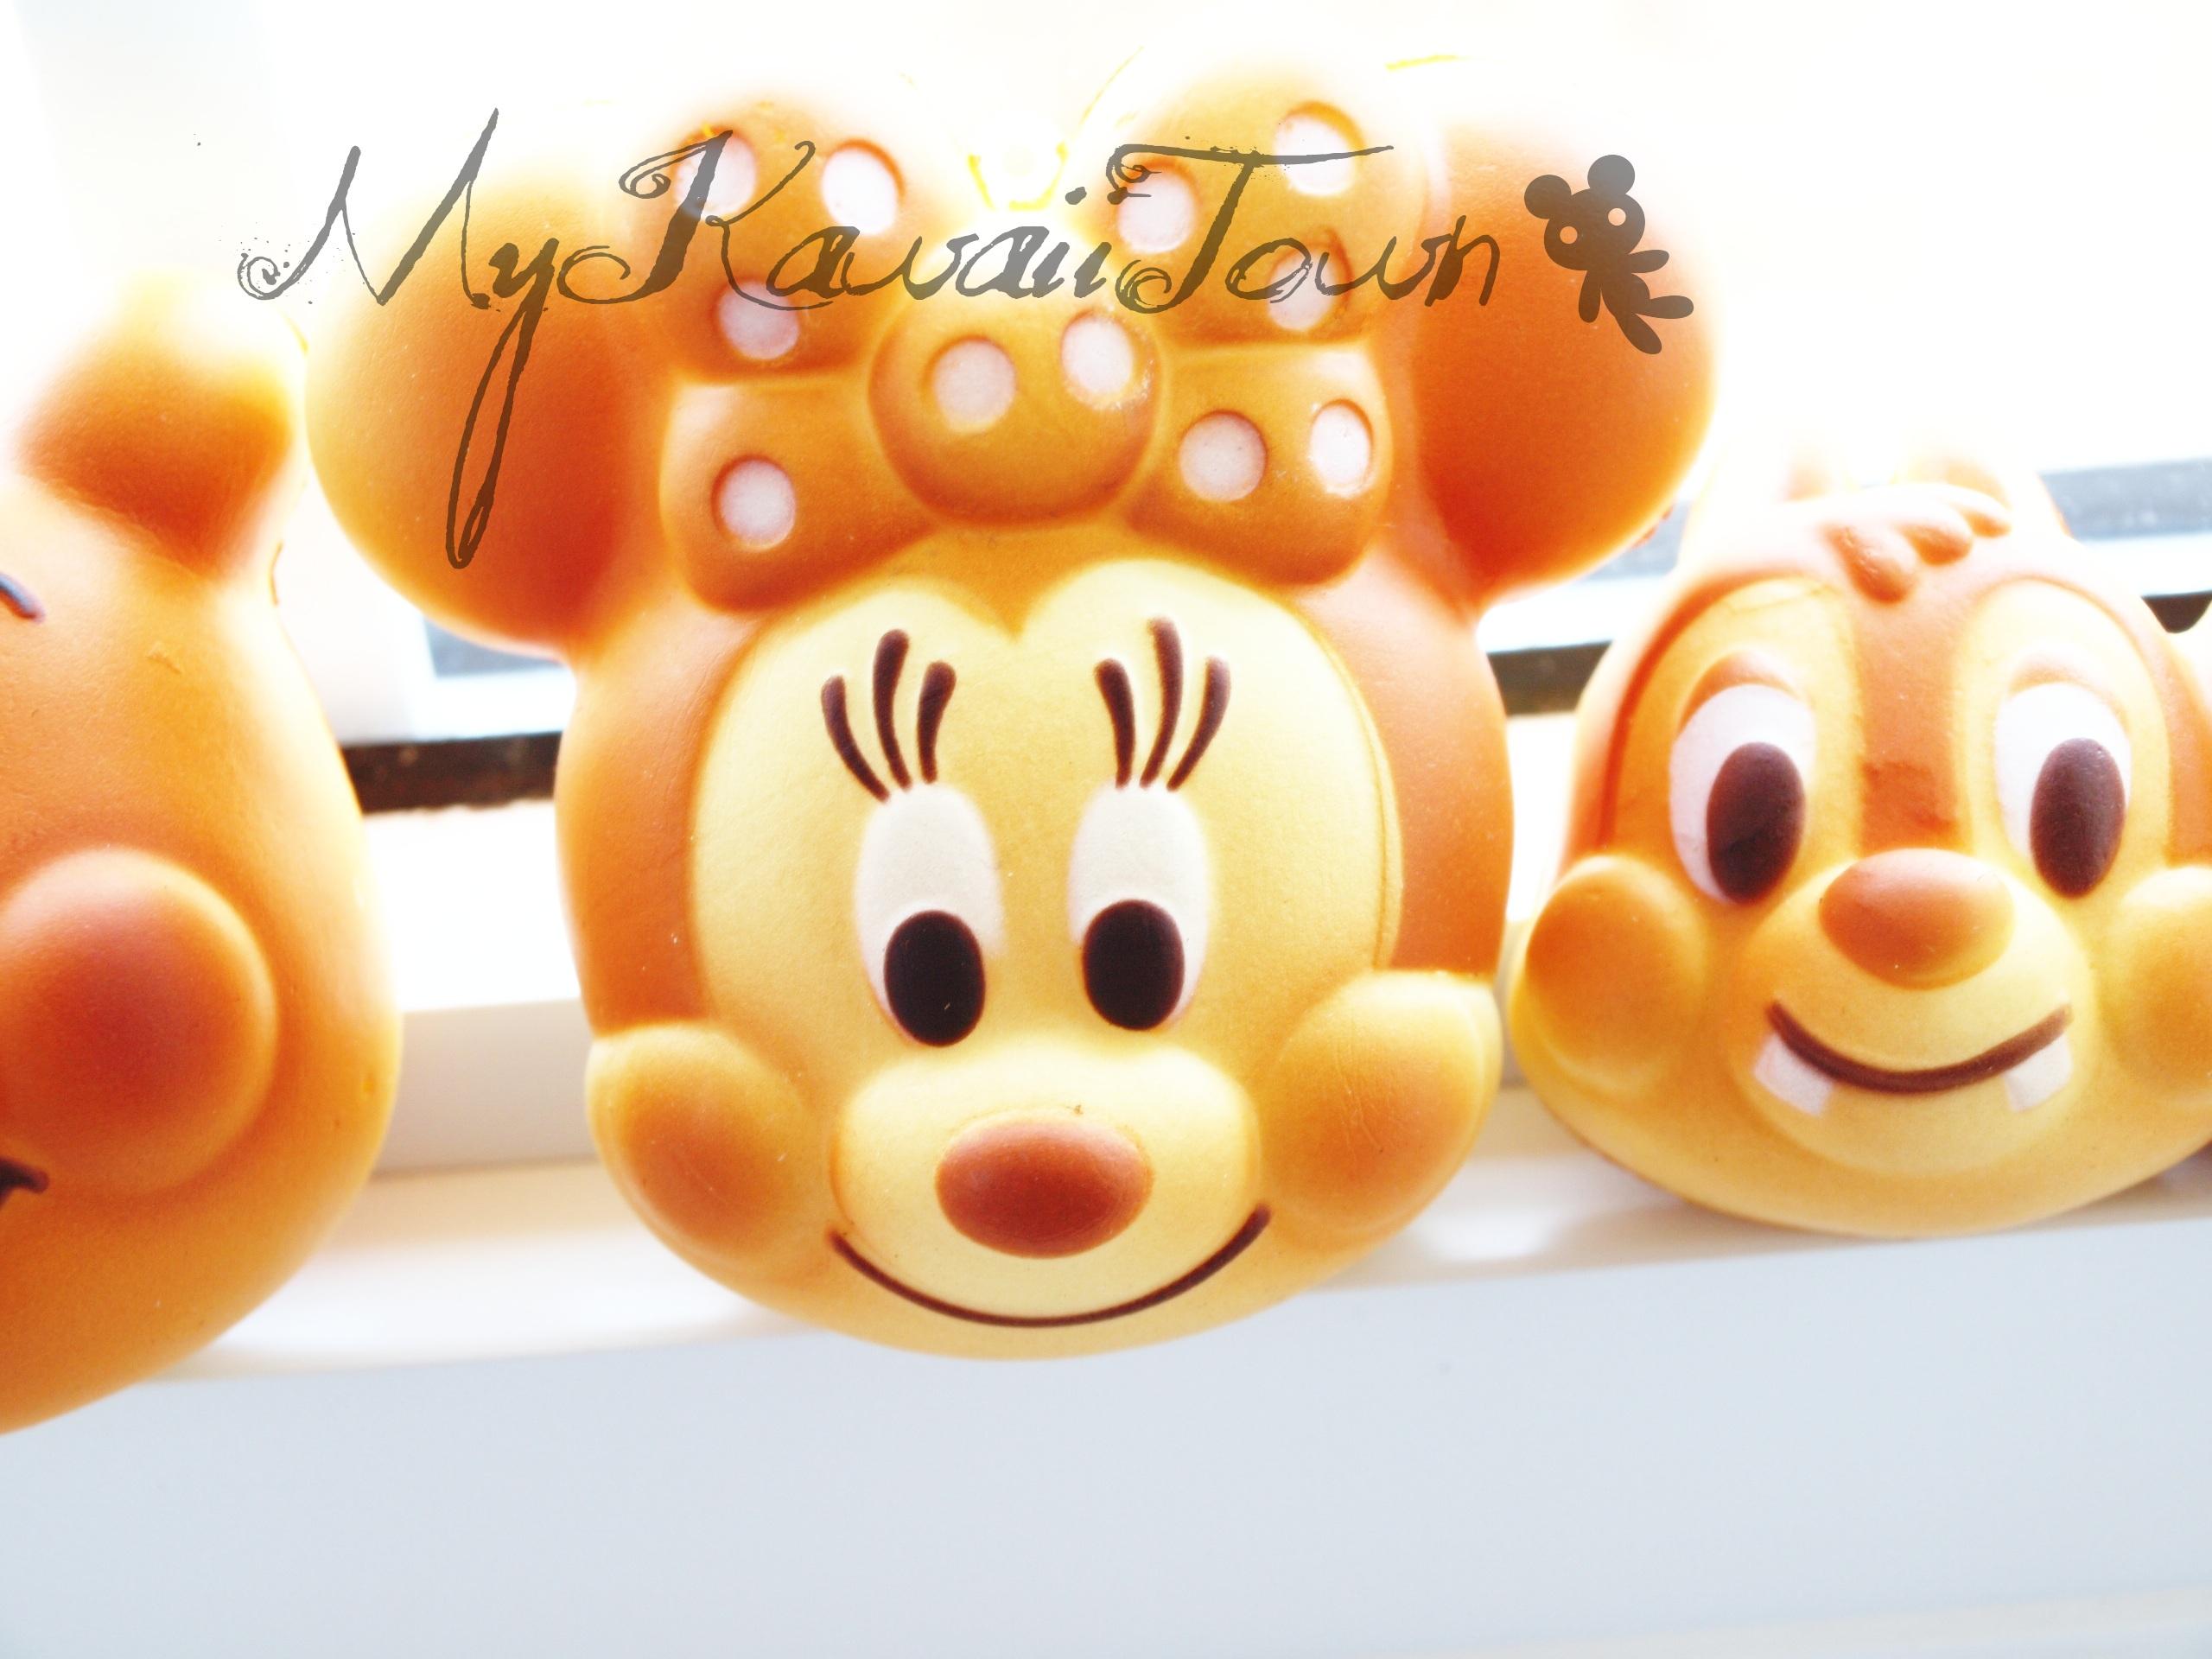 Jumbo Disney Squishy : Mykawaiitown Squishy JUMBO Disney Buns Online Store Powered by Storenvy